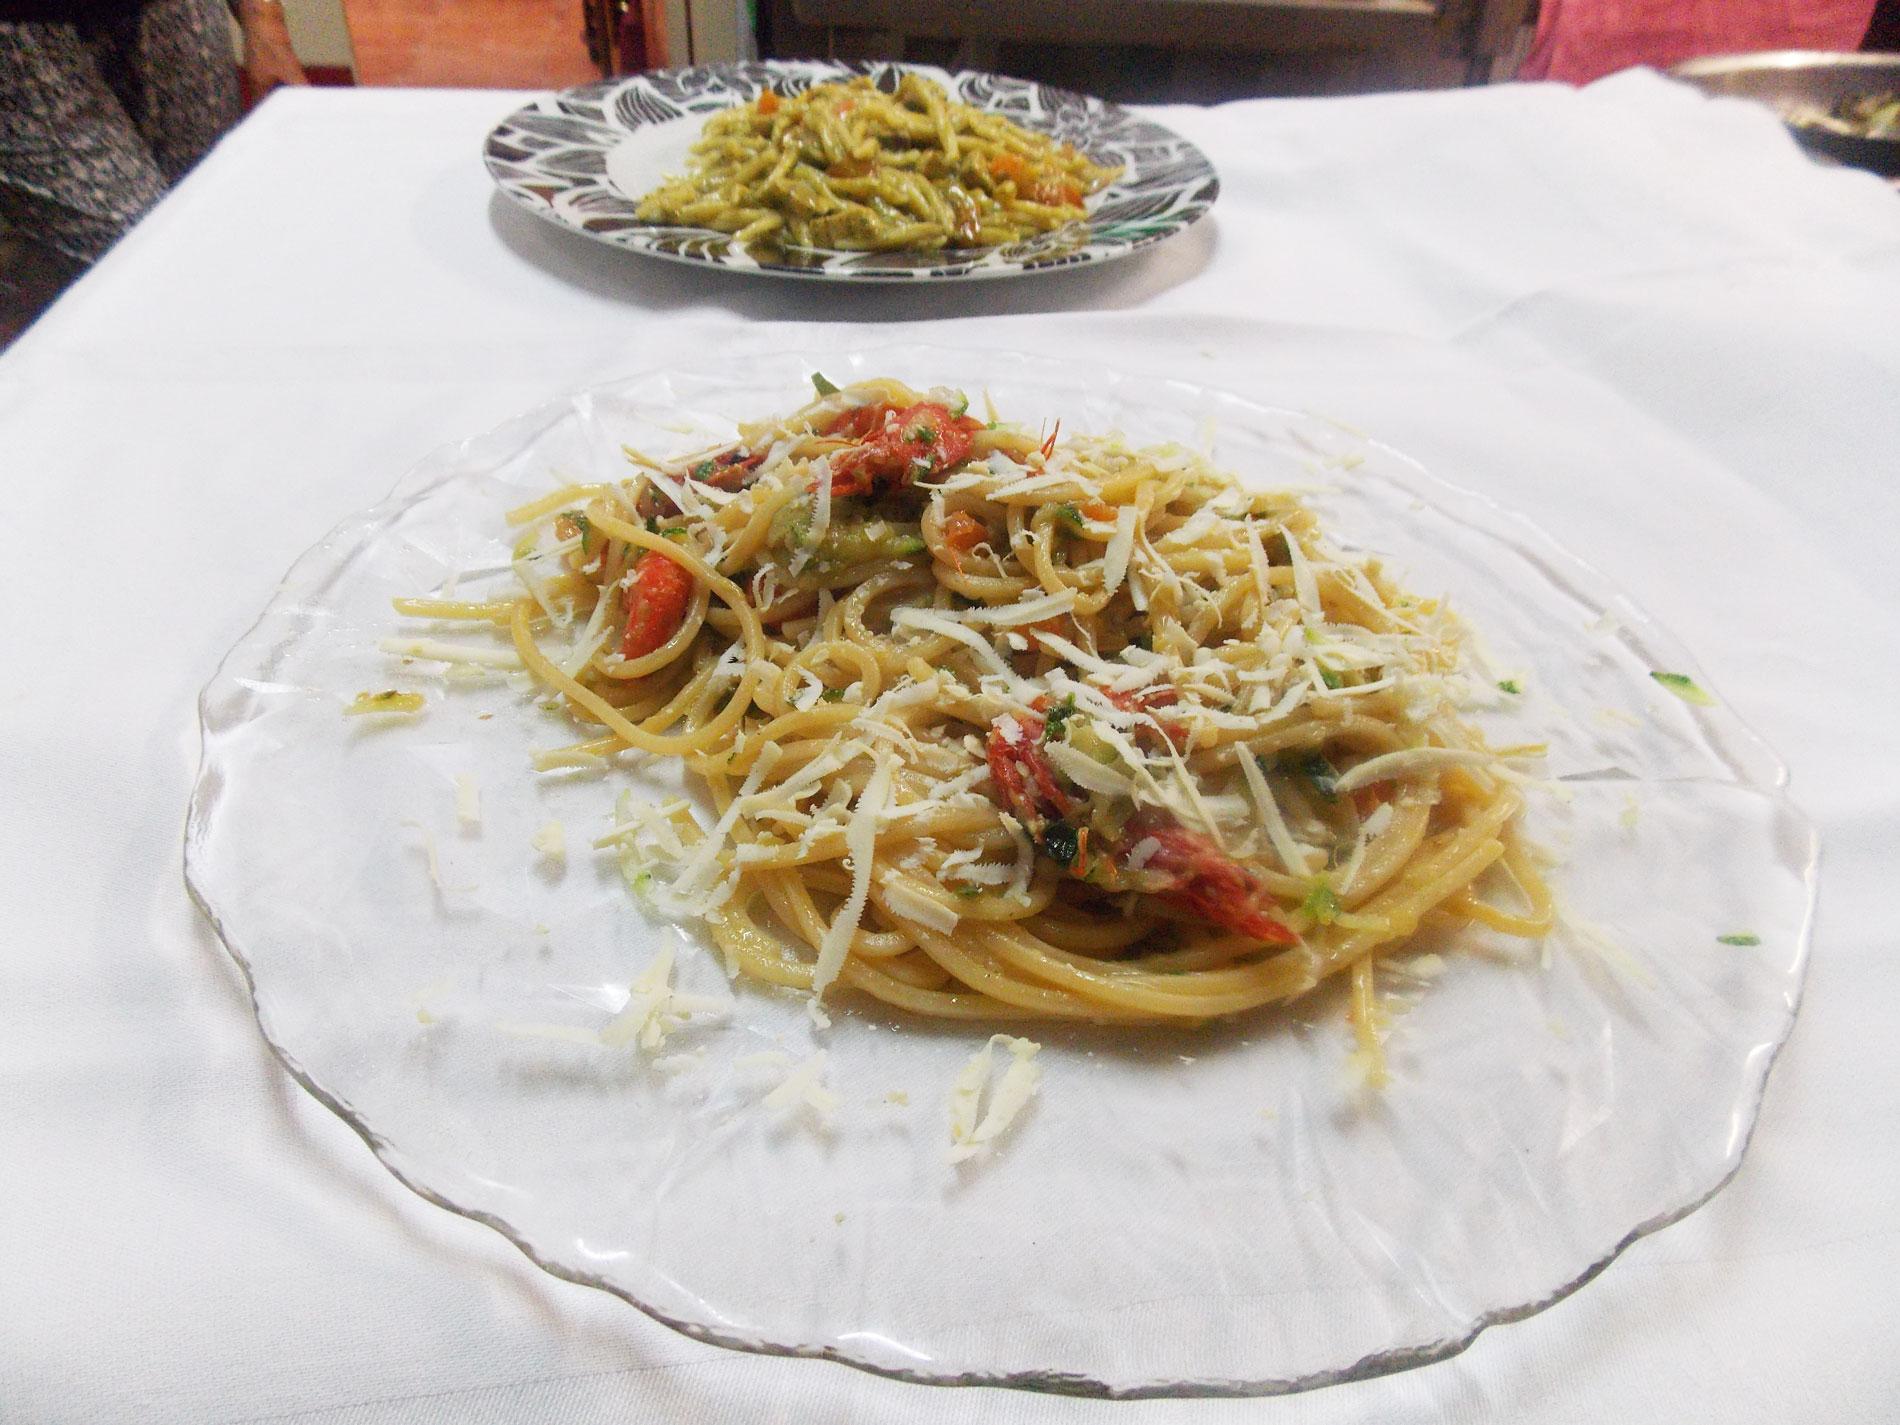 Ristoranti Sassari Spaghetti di-mare-ristorante pizzeriaLa Perla Rosa Sassari